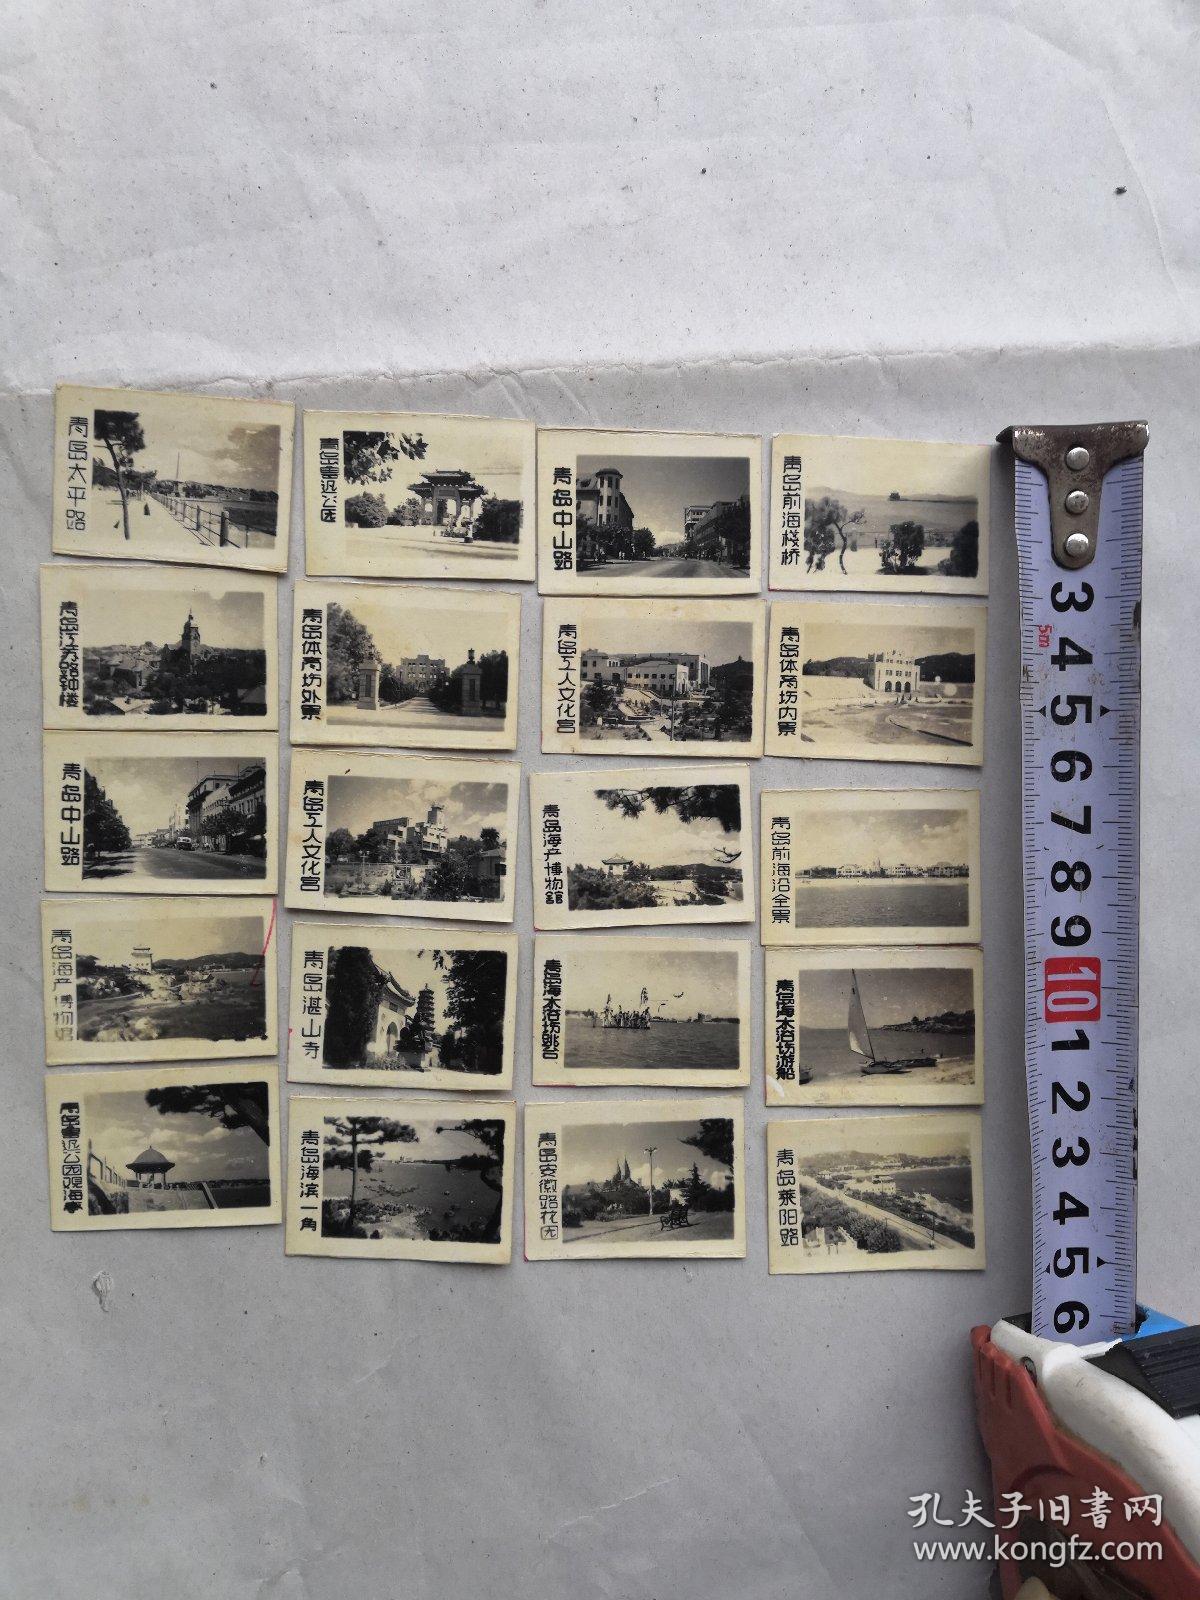 32648《五十年代山东省青岛市老照片》20张(品相见图)